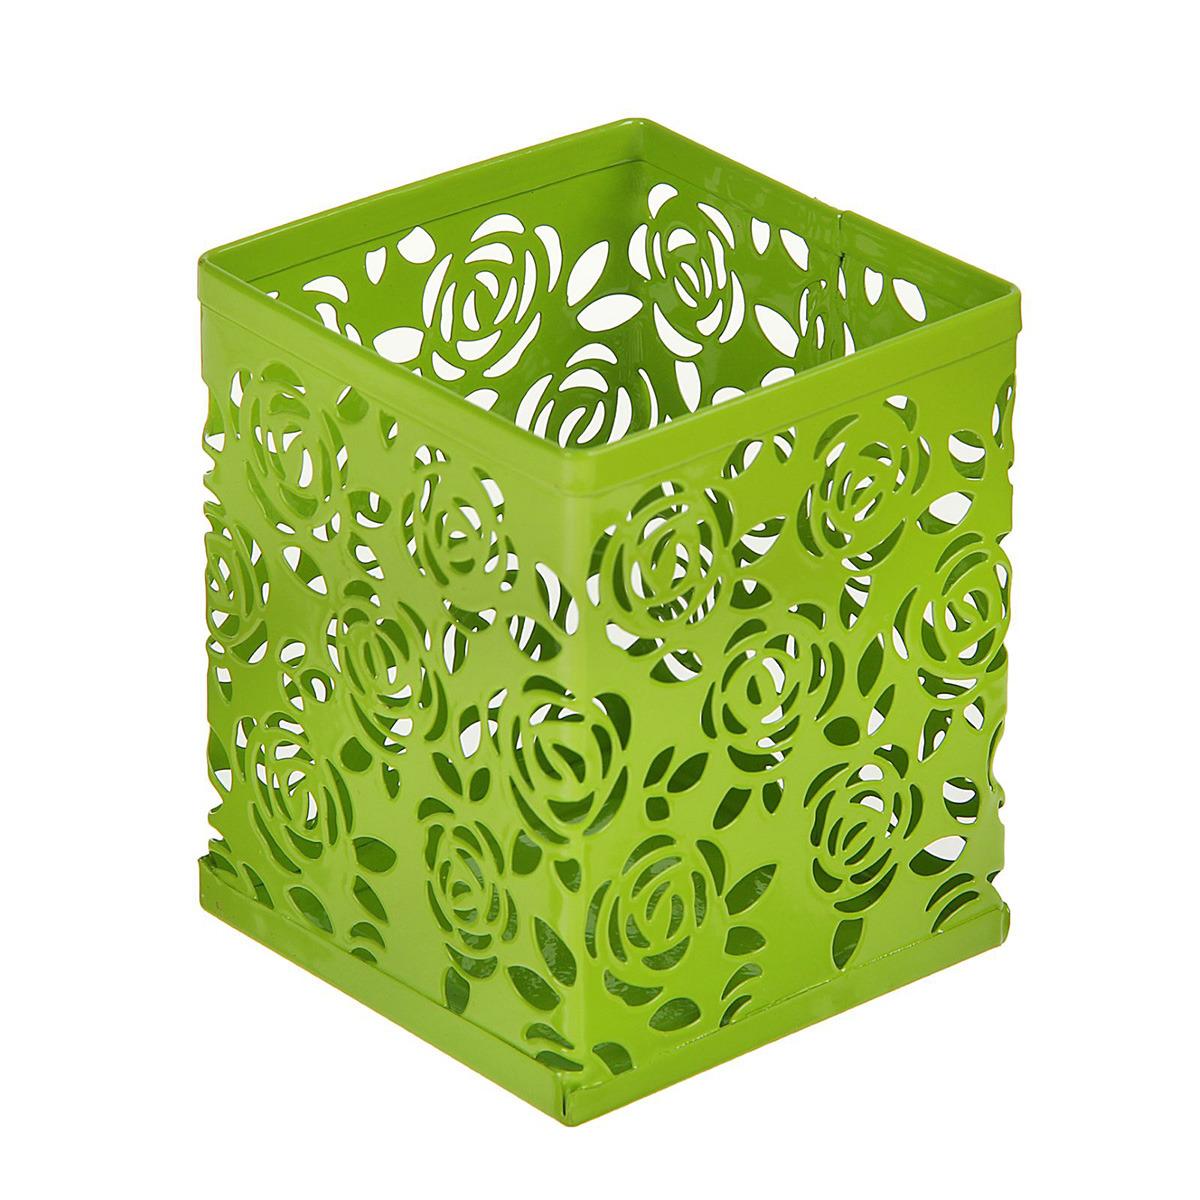 Подставка для канцелярских принадлежностей Calligrata Стакан, квадратная, 1509031, зеленый